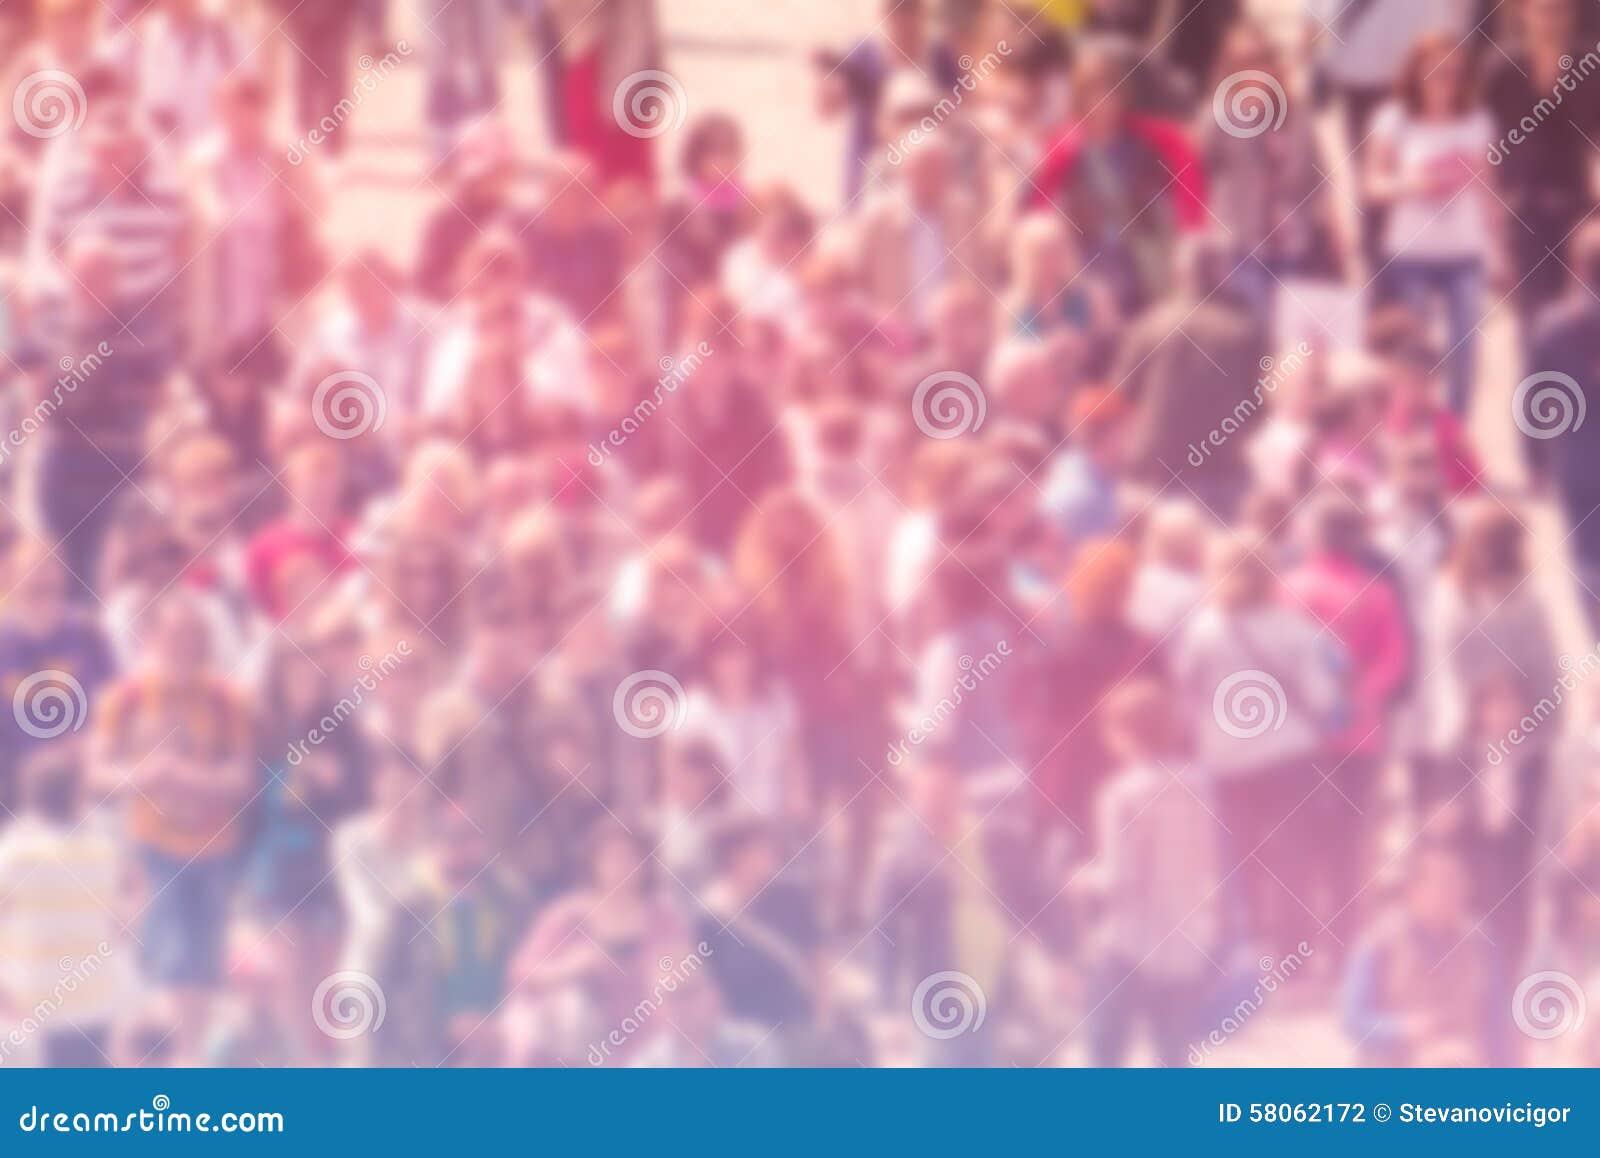 Предпосылка нерезкости общественного мнения широкой публики, вид с воздуха толпы